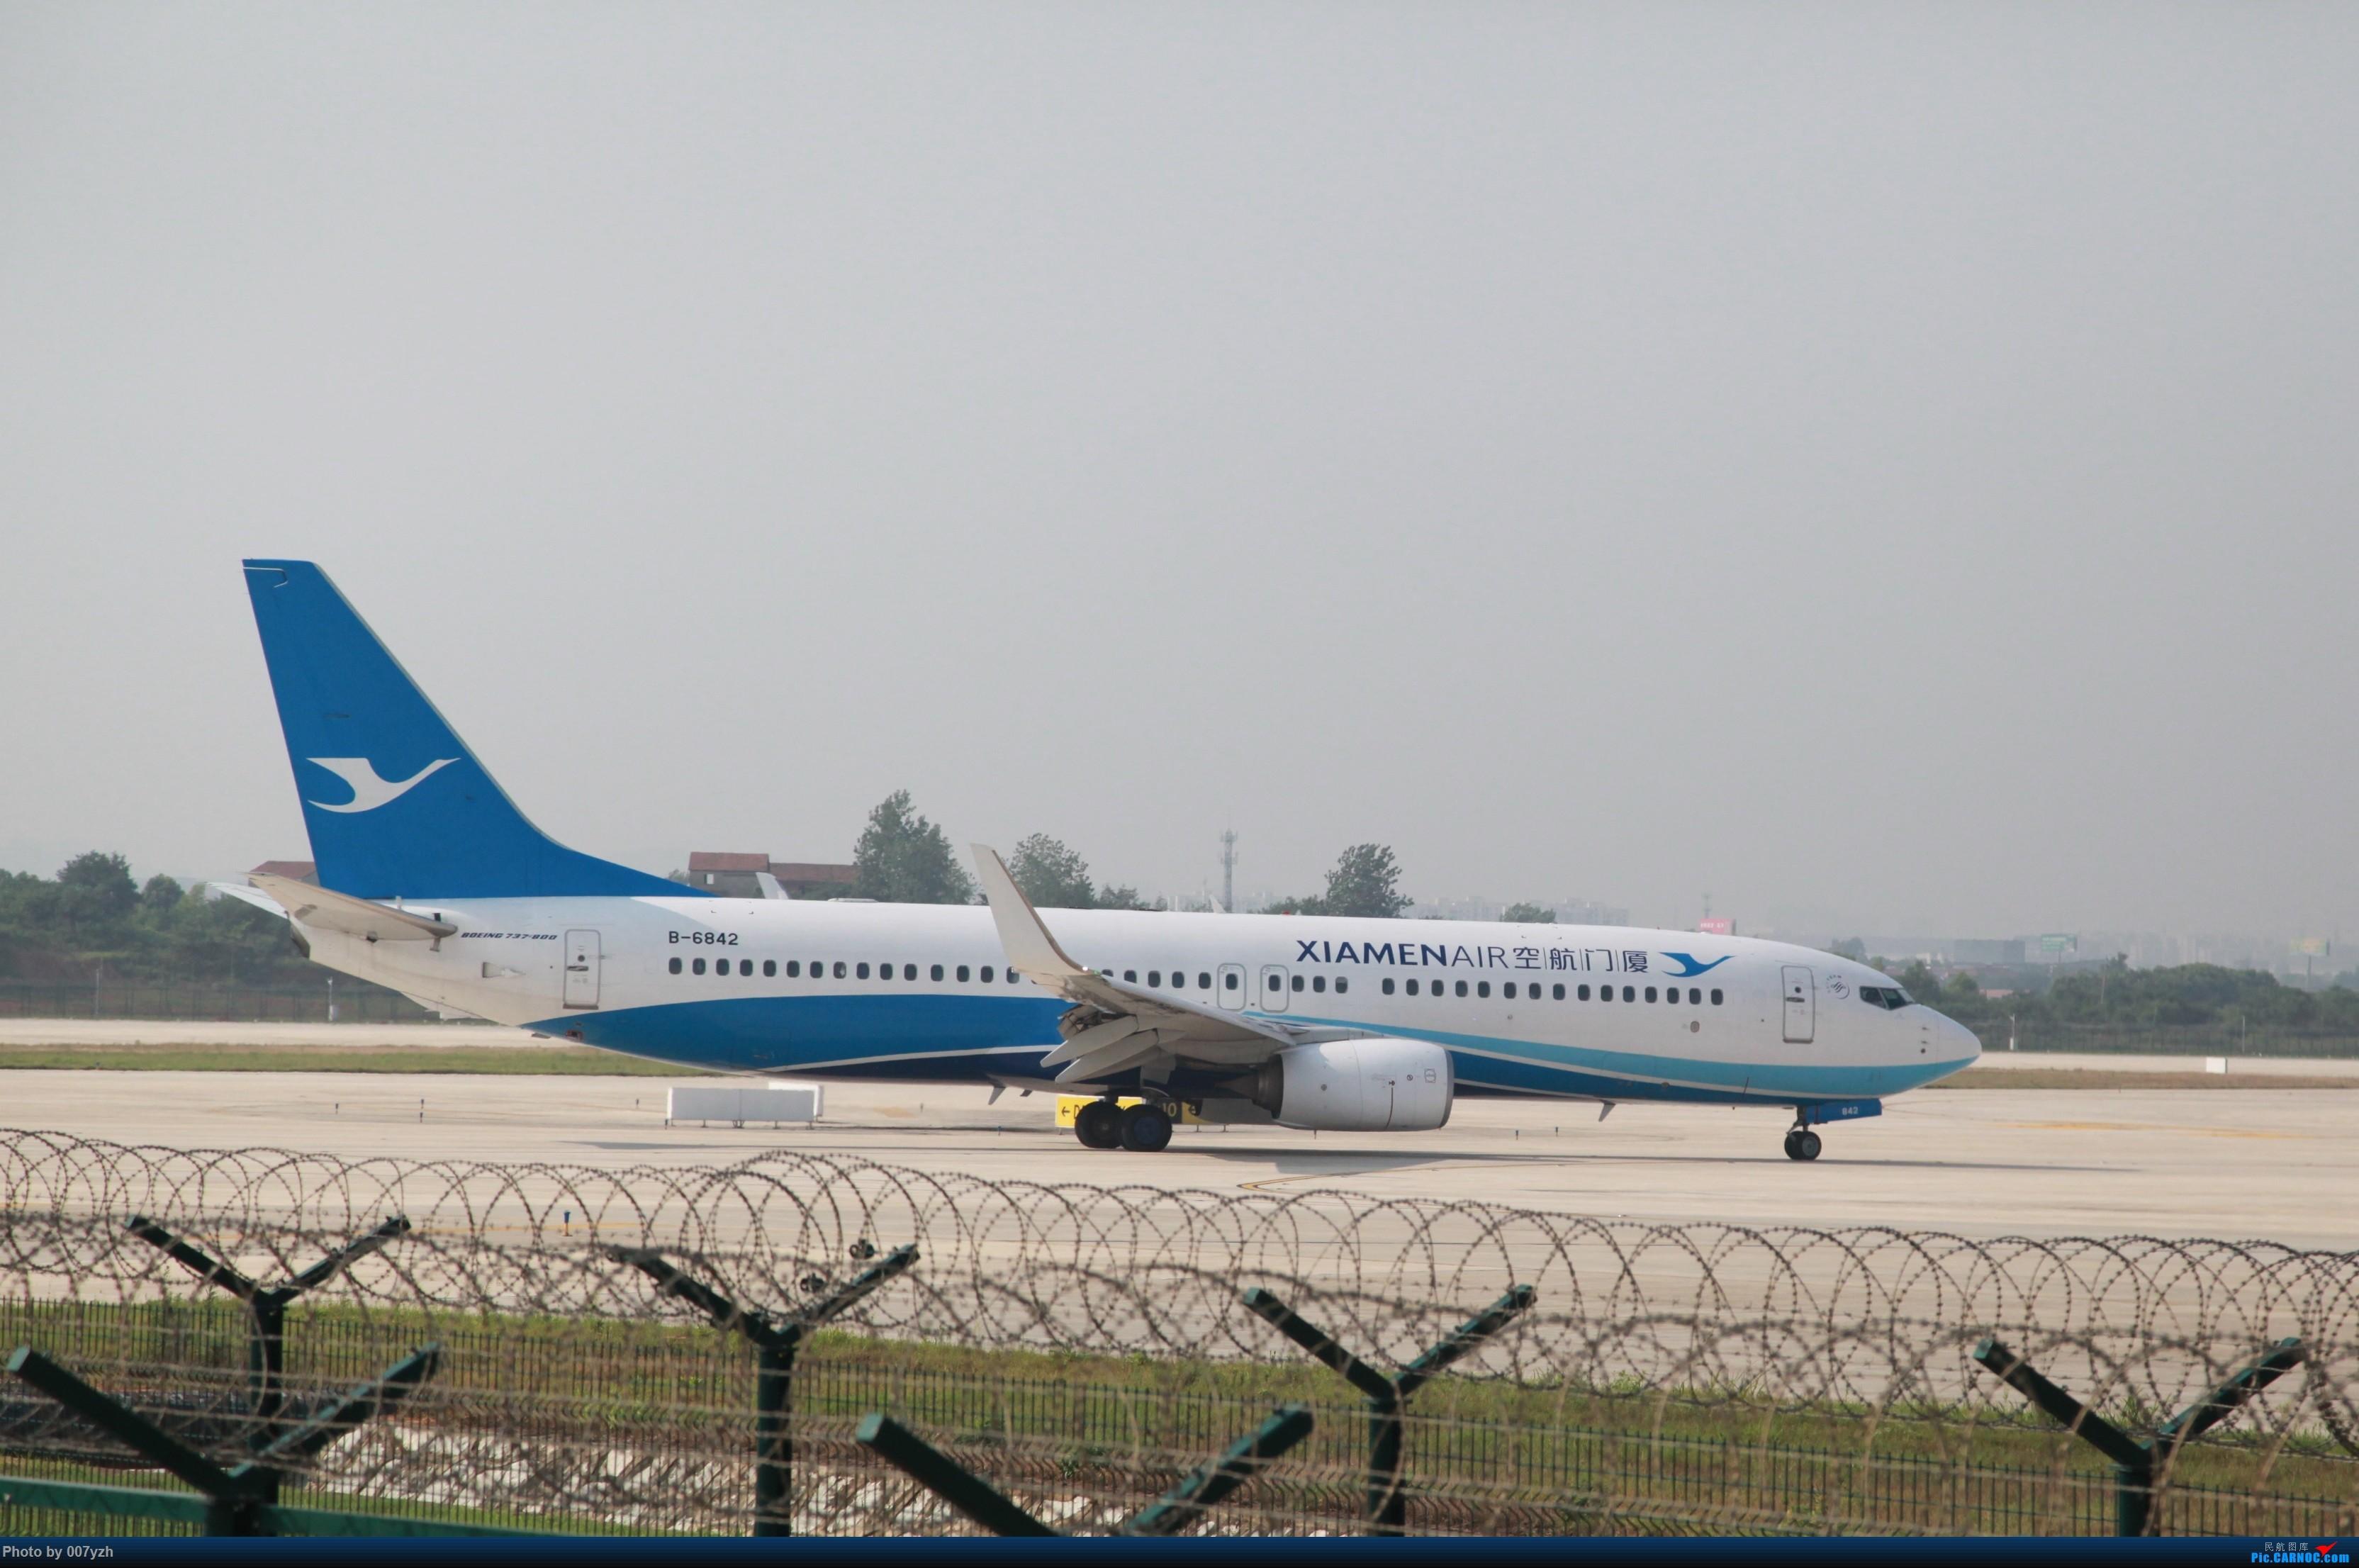 Re:[原创]7月5号WUH拍机,又是一个水泥天~ BOEING 737-800 B-6842 中国武汉天河国际机场